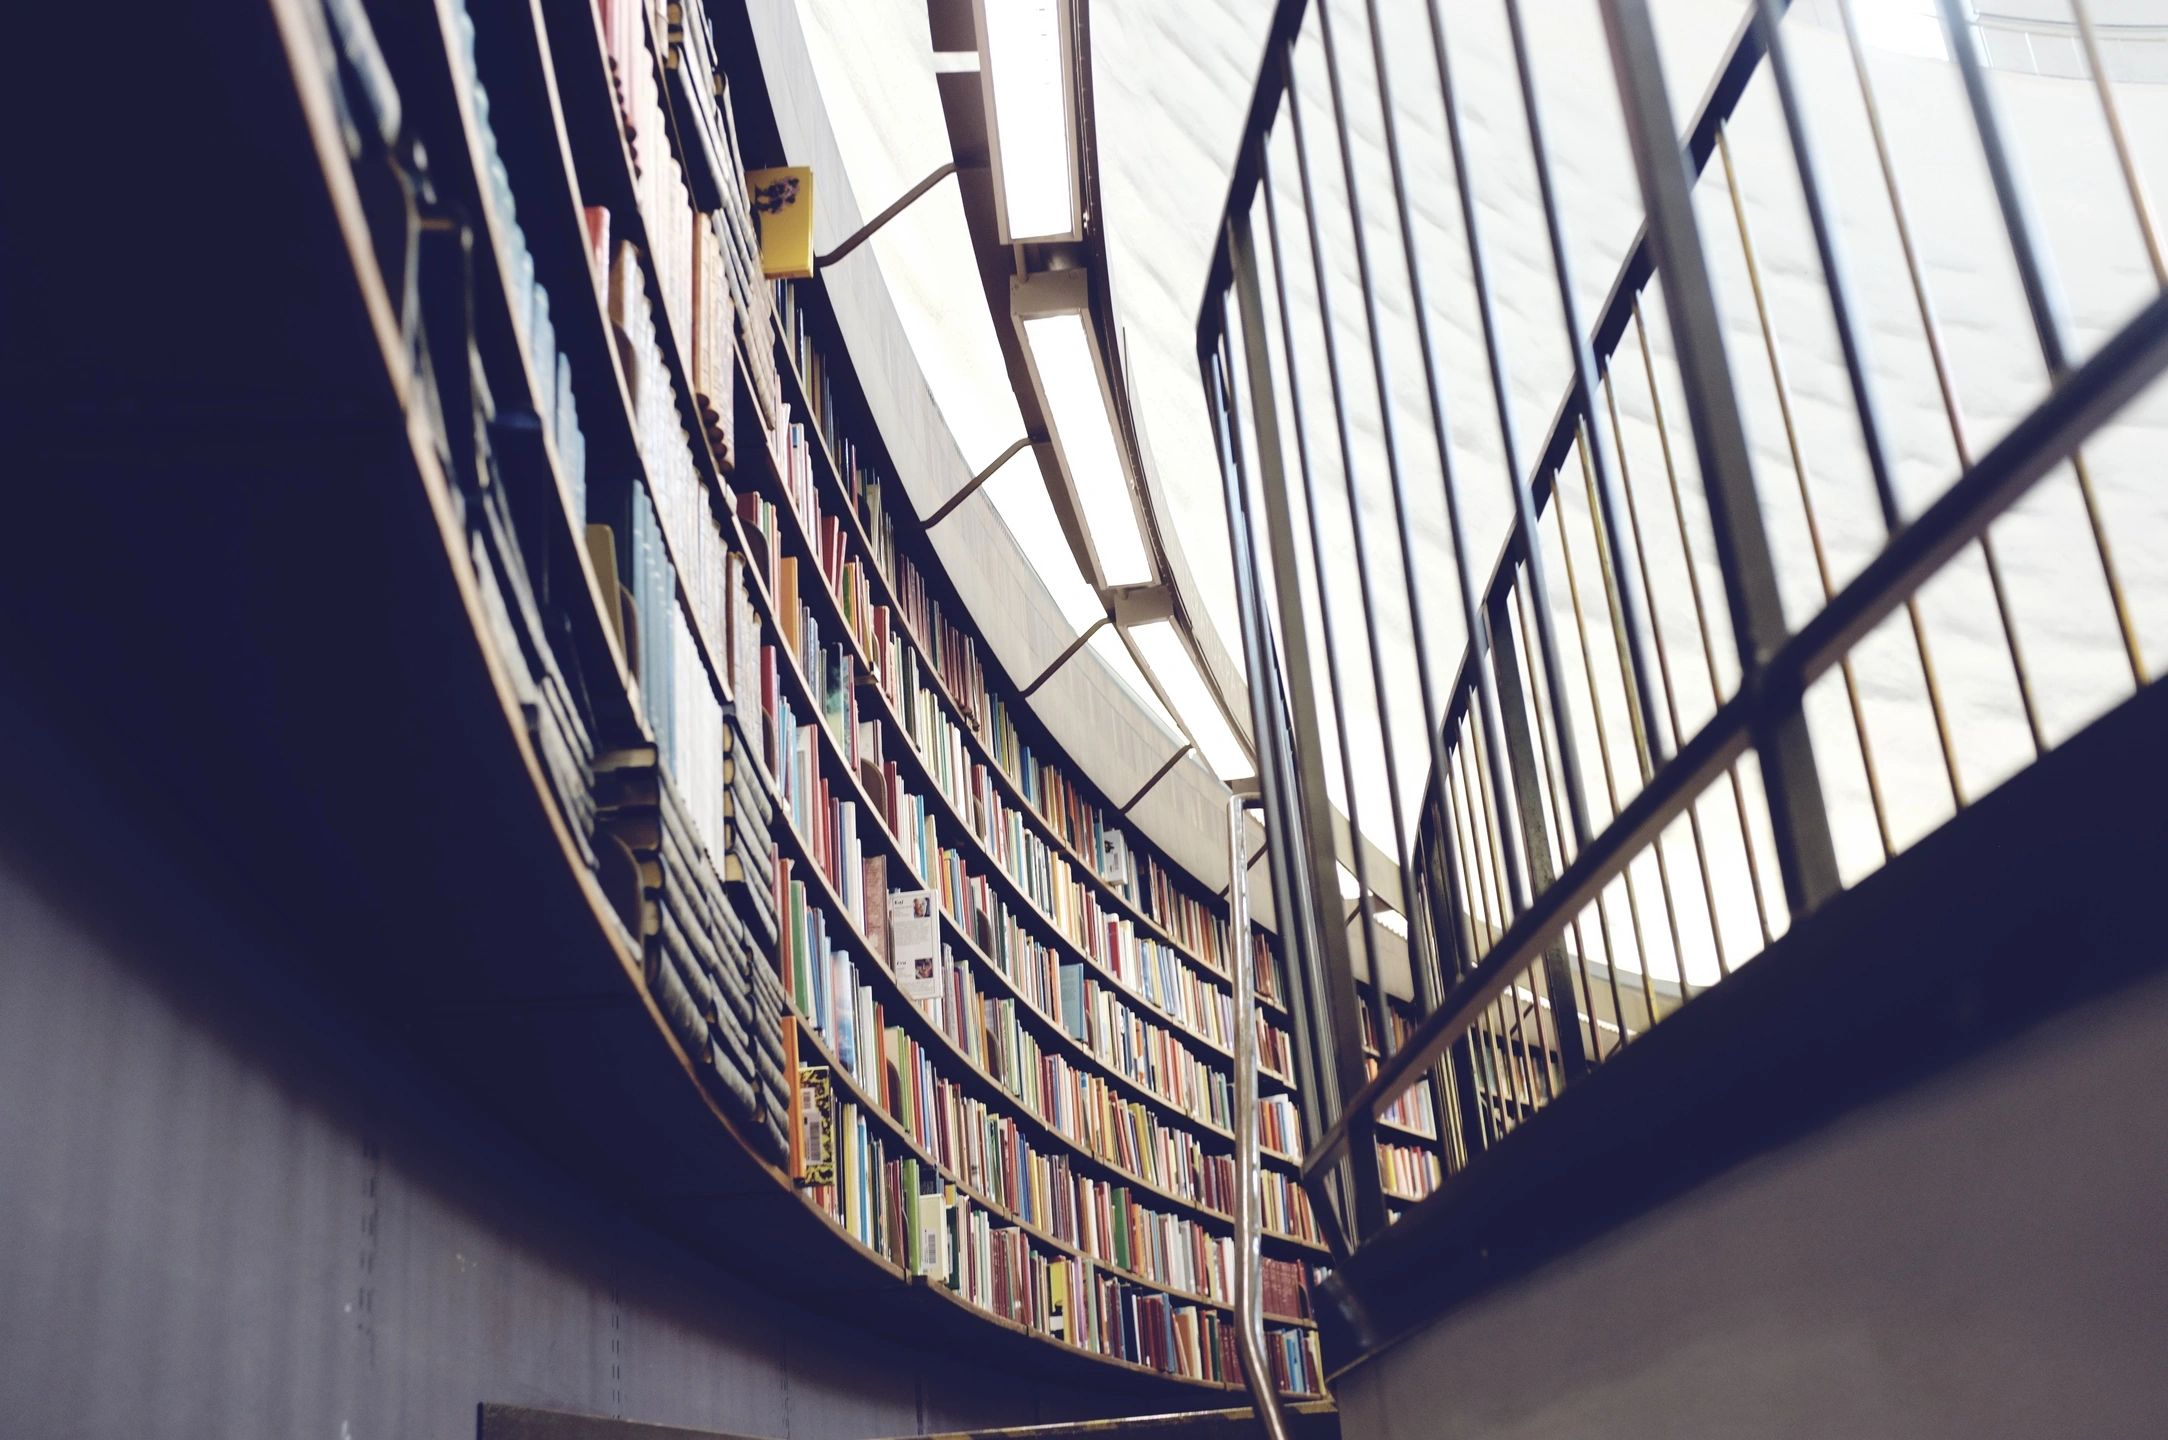 Estante com centenas de livros